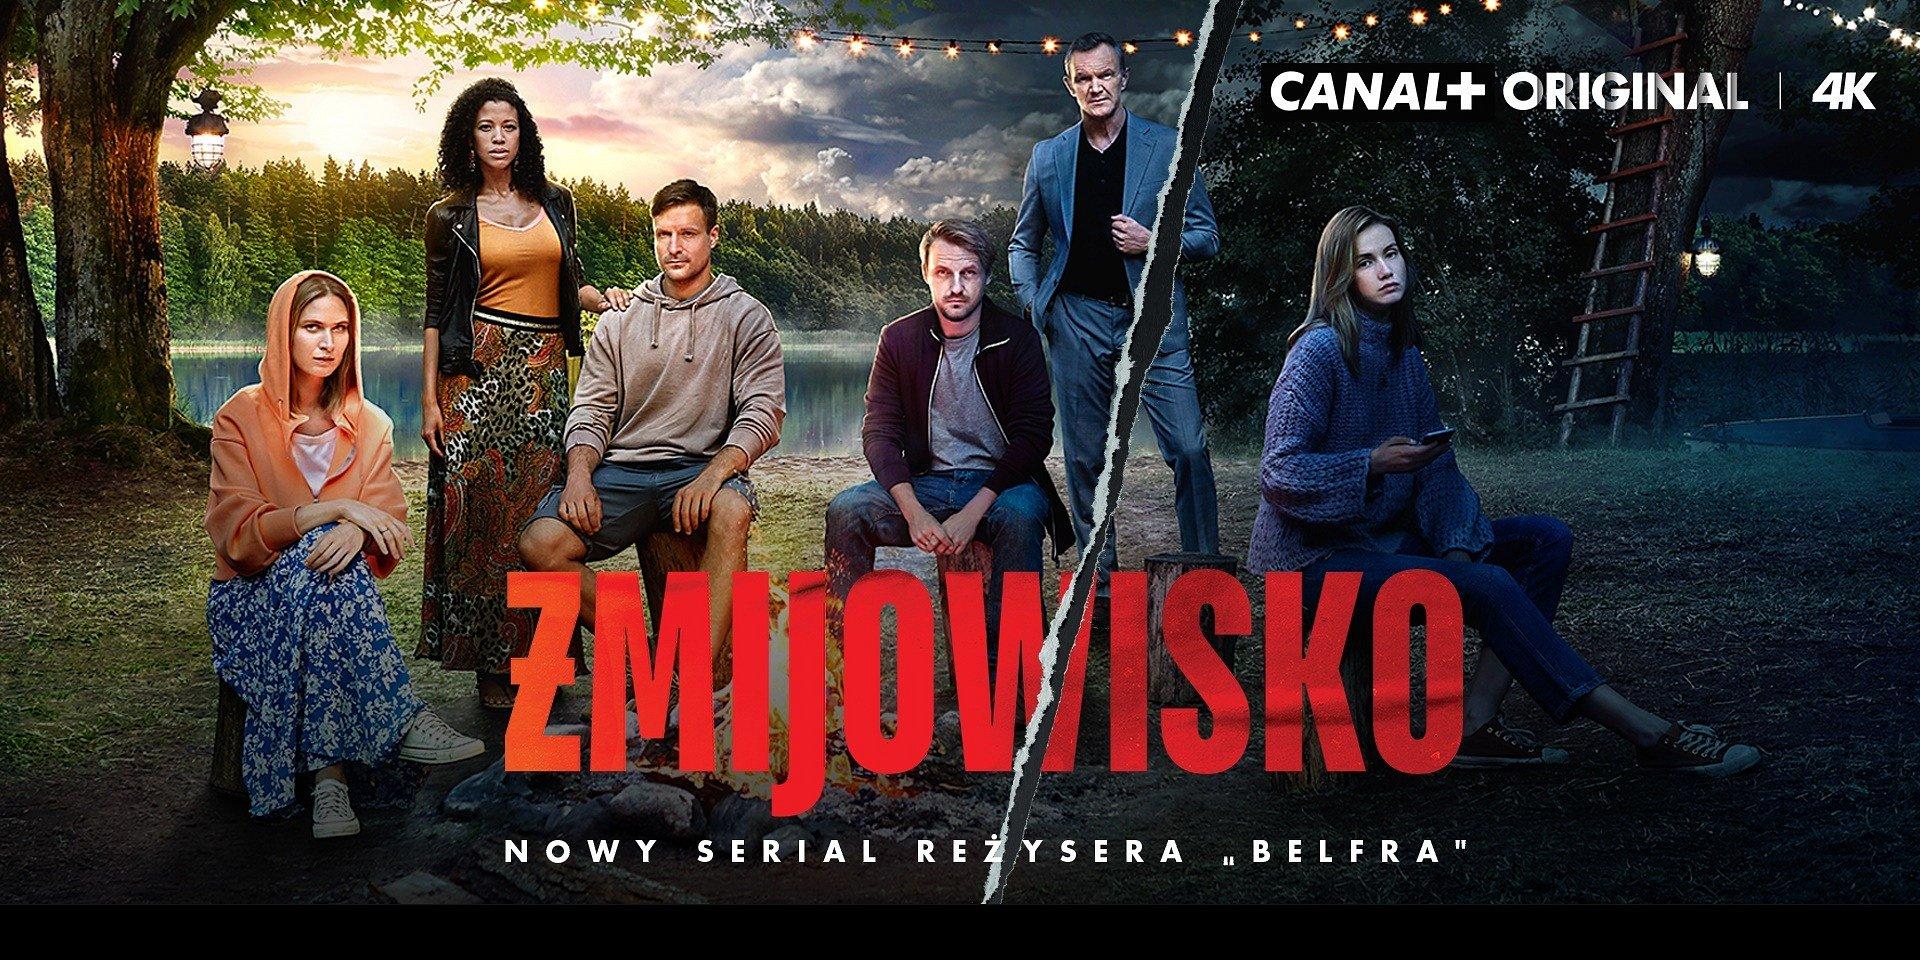 """CANAL+ prezentuje oficjalny zwiastun """"Żmijowiska"""". Premiera serialu już 3 listopada o godz. 21:30!"""